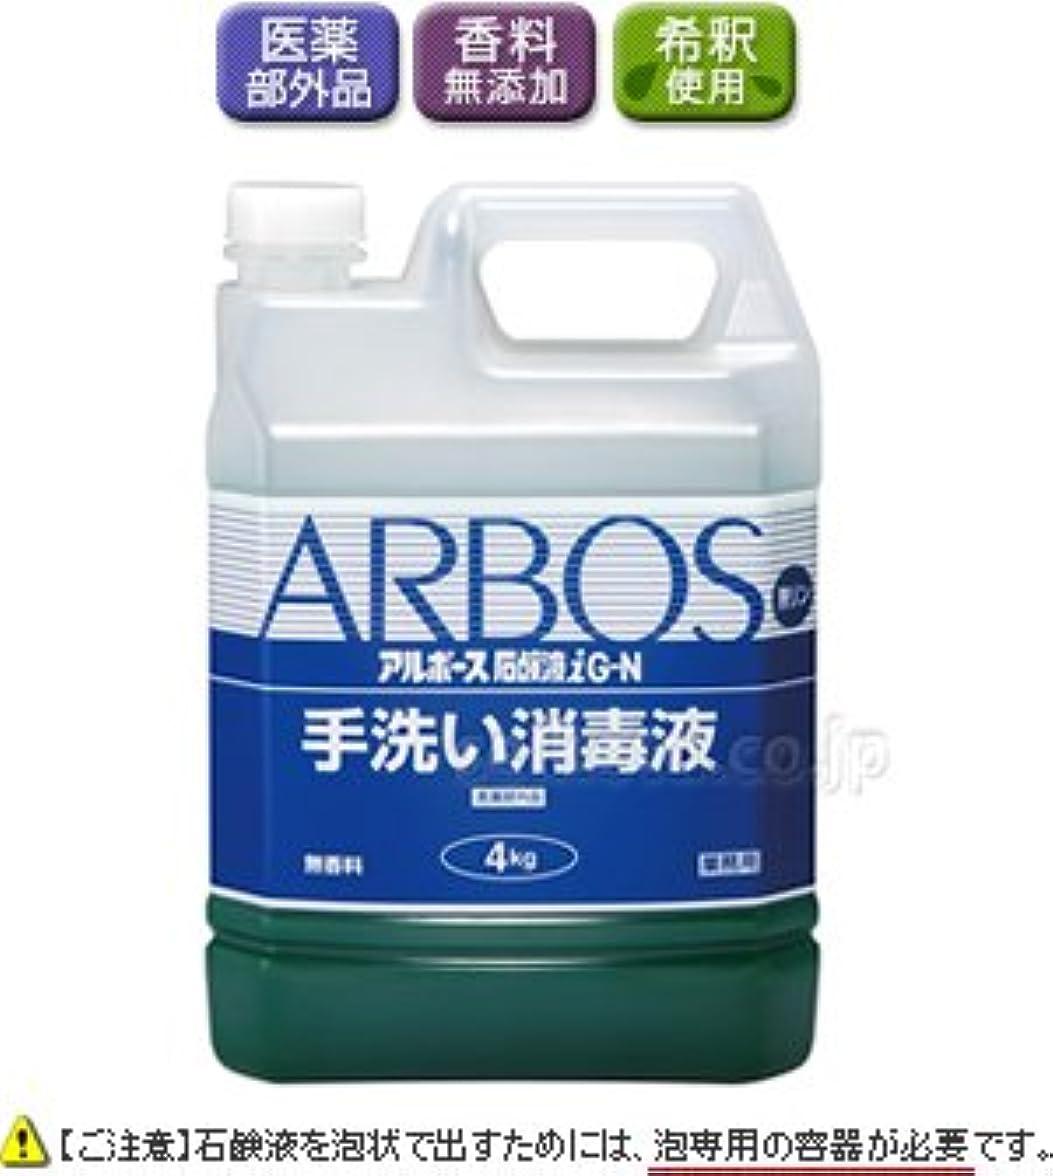 ボート官僚四半期【清潔キレイ館】アルボース石鹸液iG-N お得な4kg×4本セット